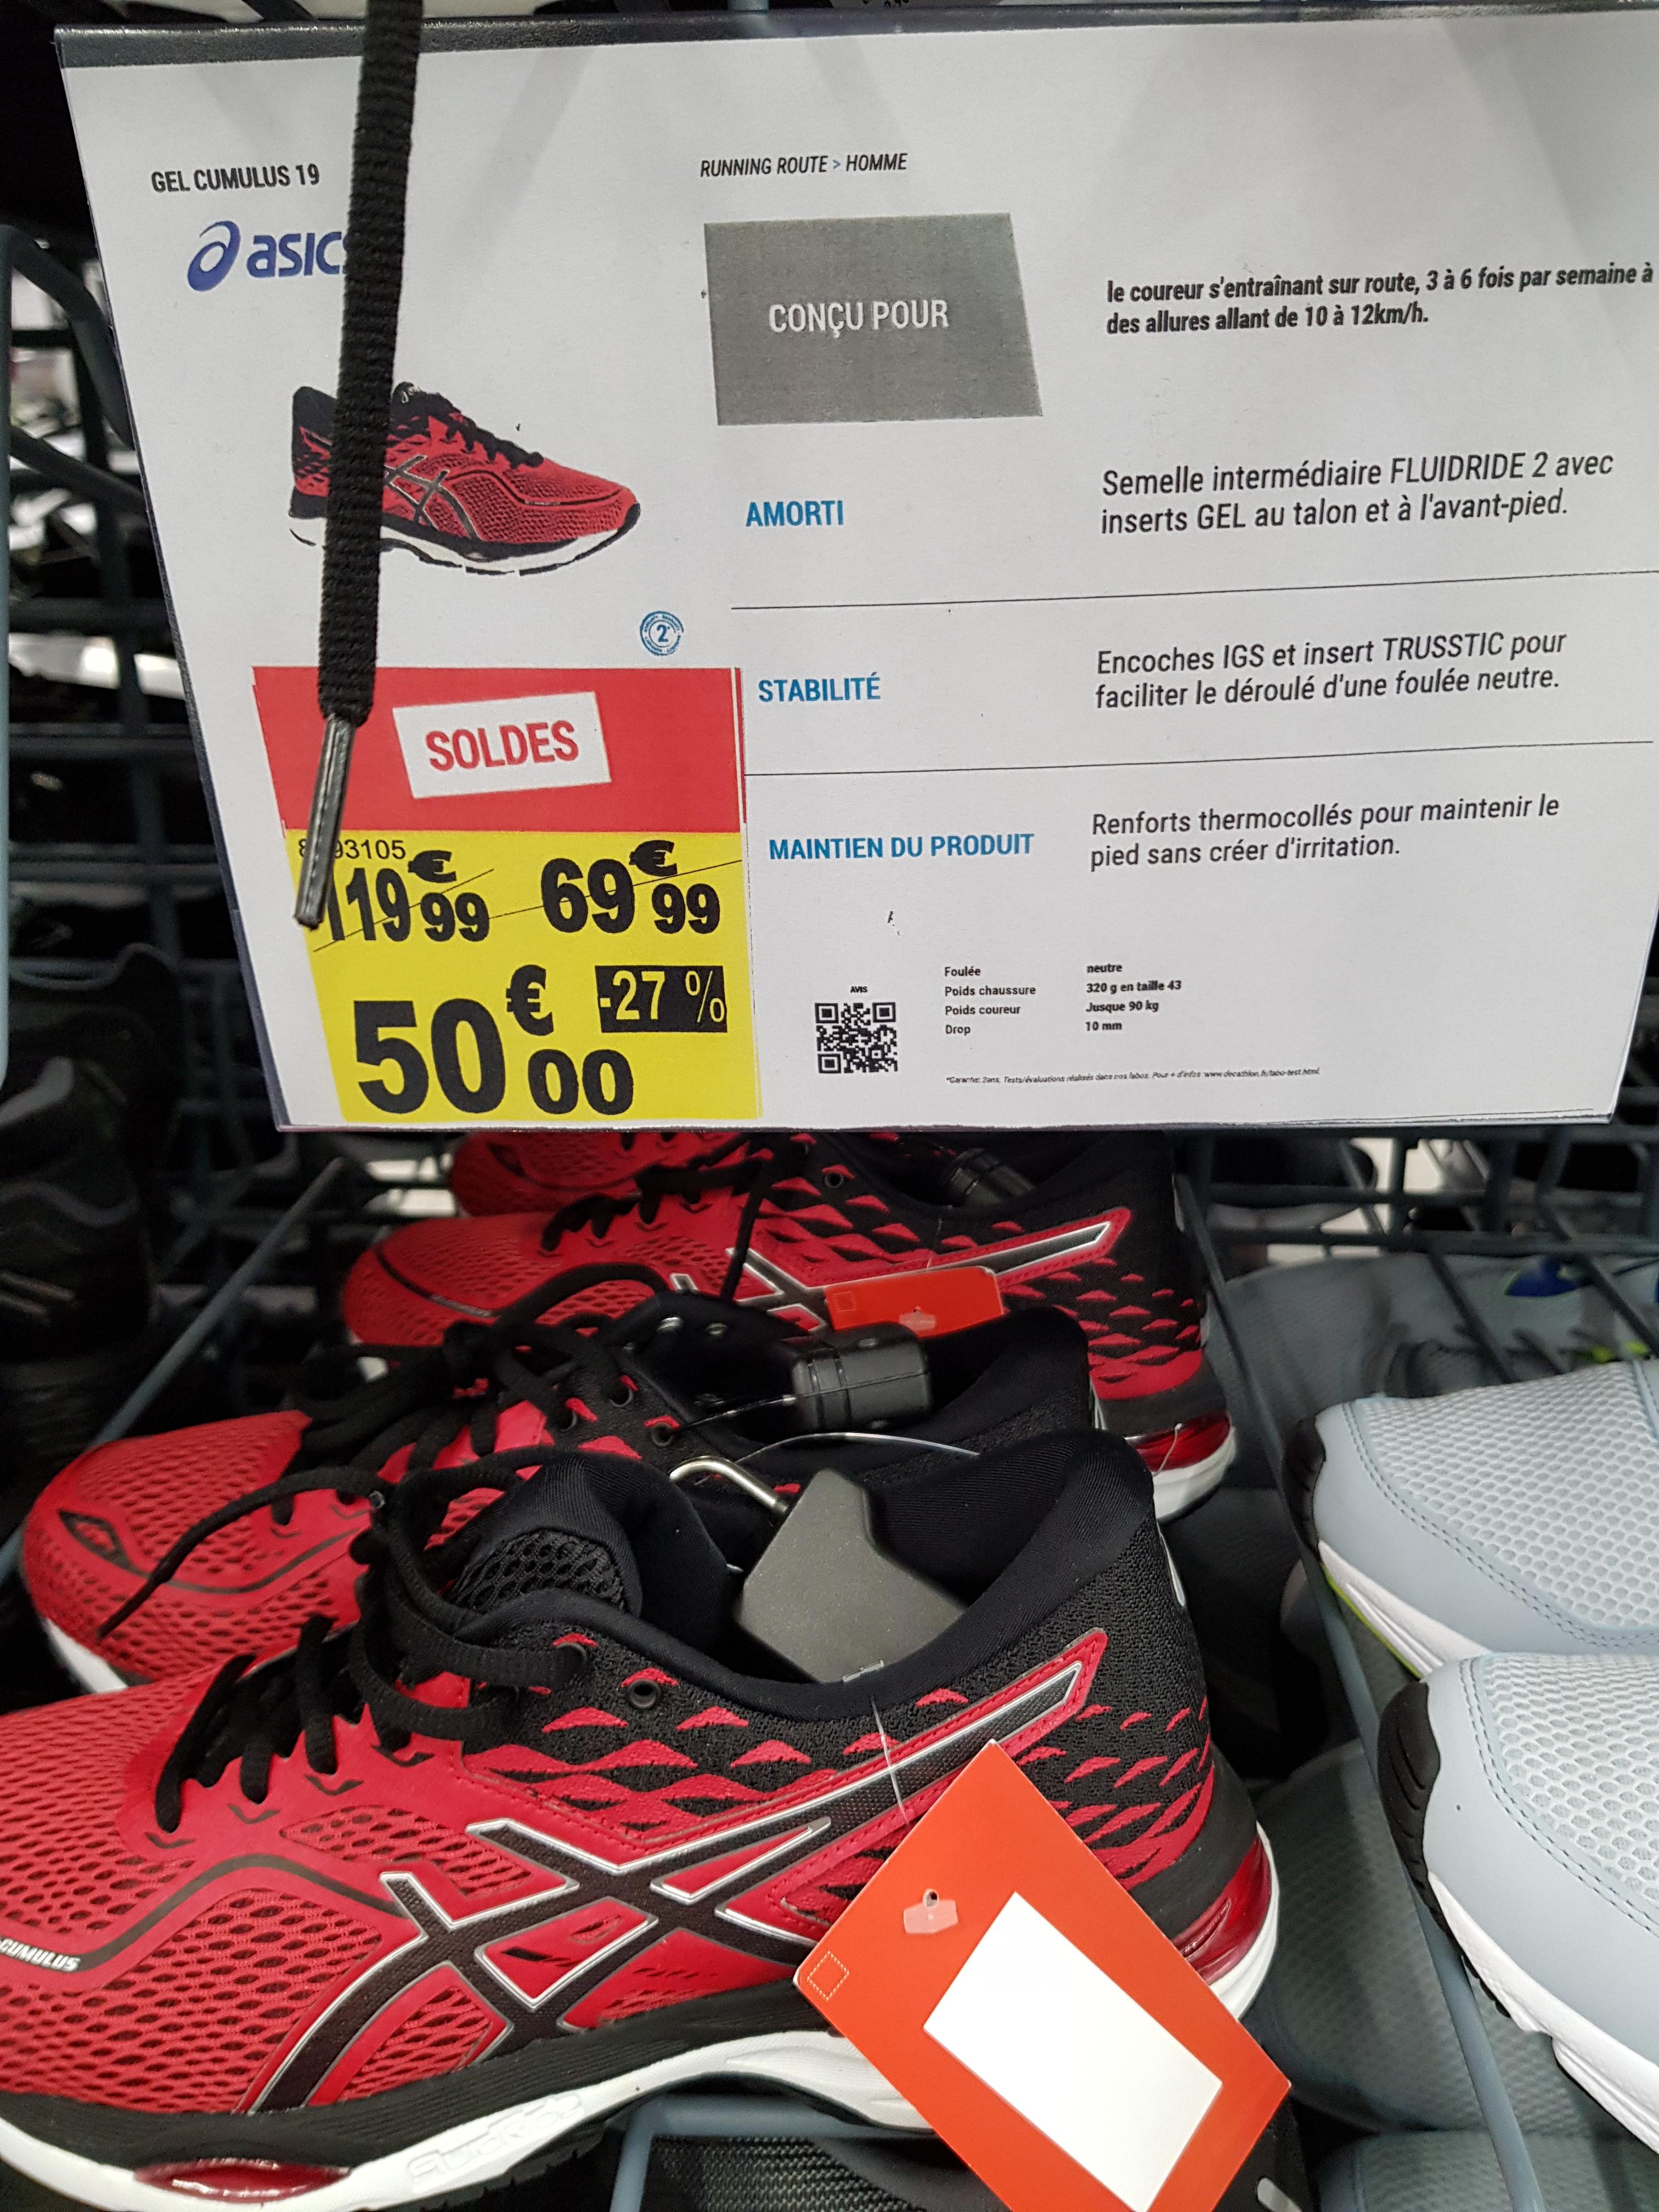 Chaussures de running Asics Gel Cumulus 19 - rouge (du 41 au 46) au Decathlon Chauconin-Neufmontiers (77)